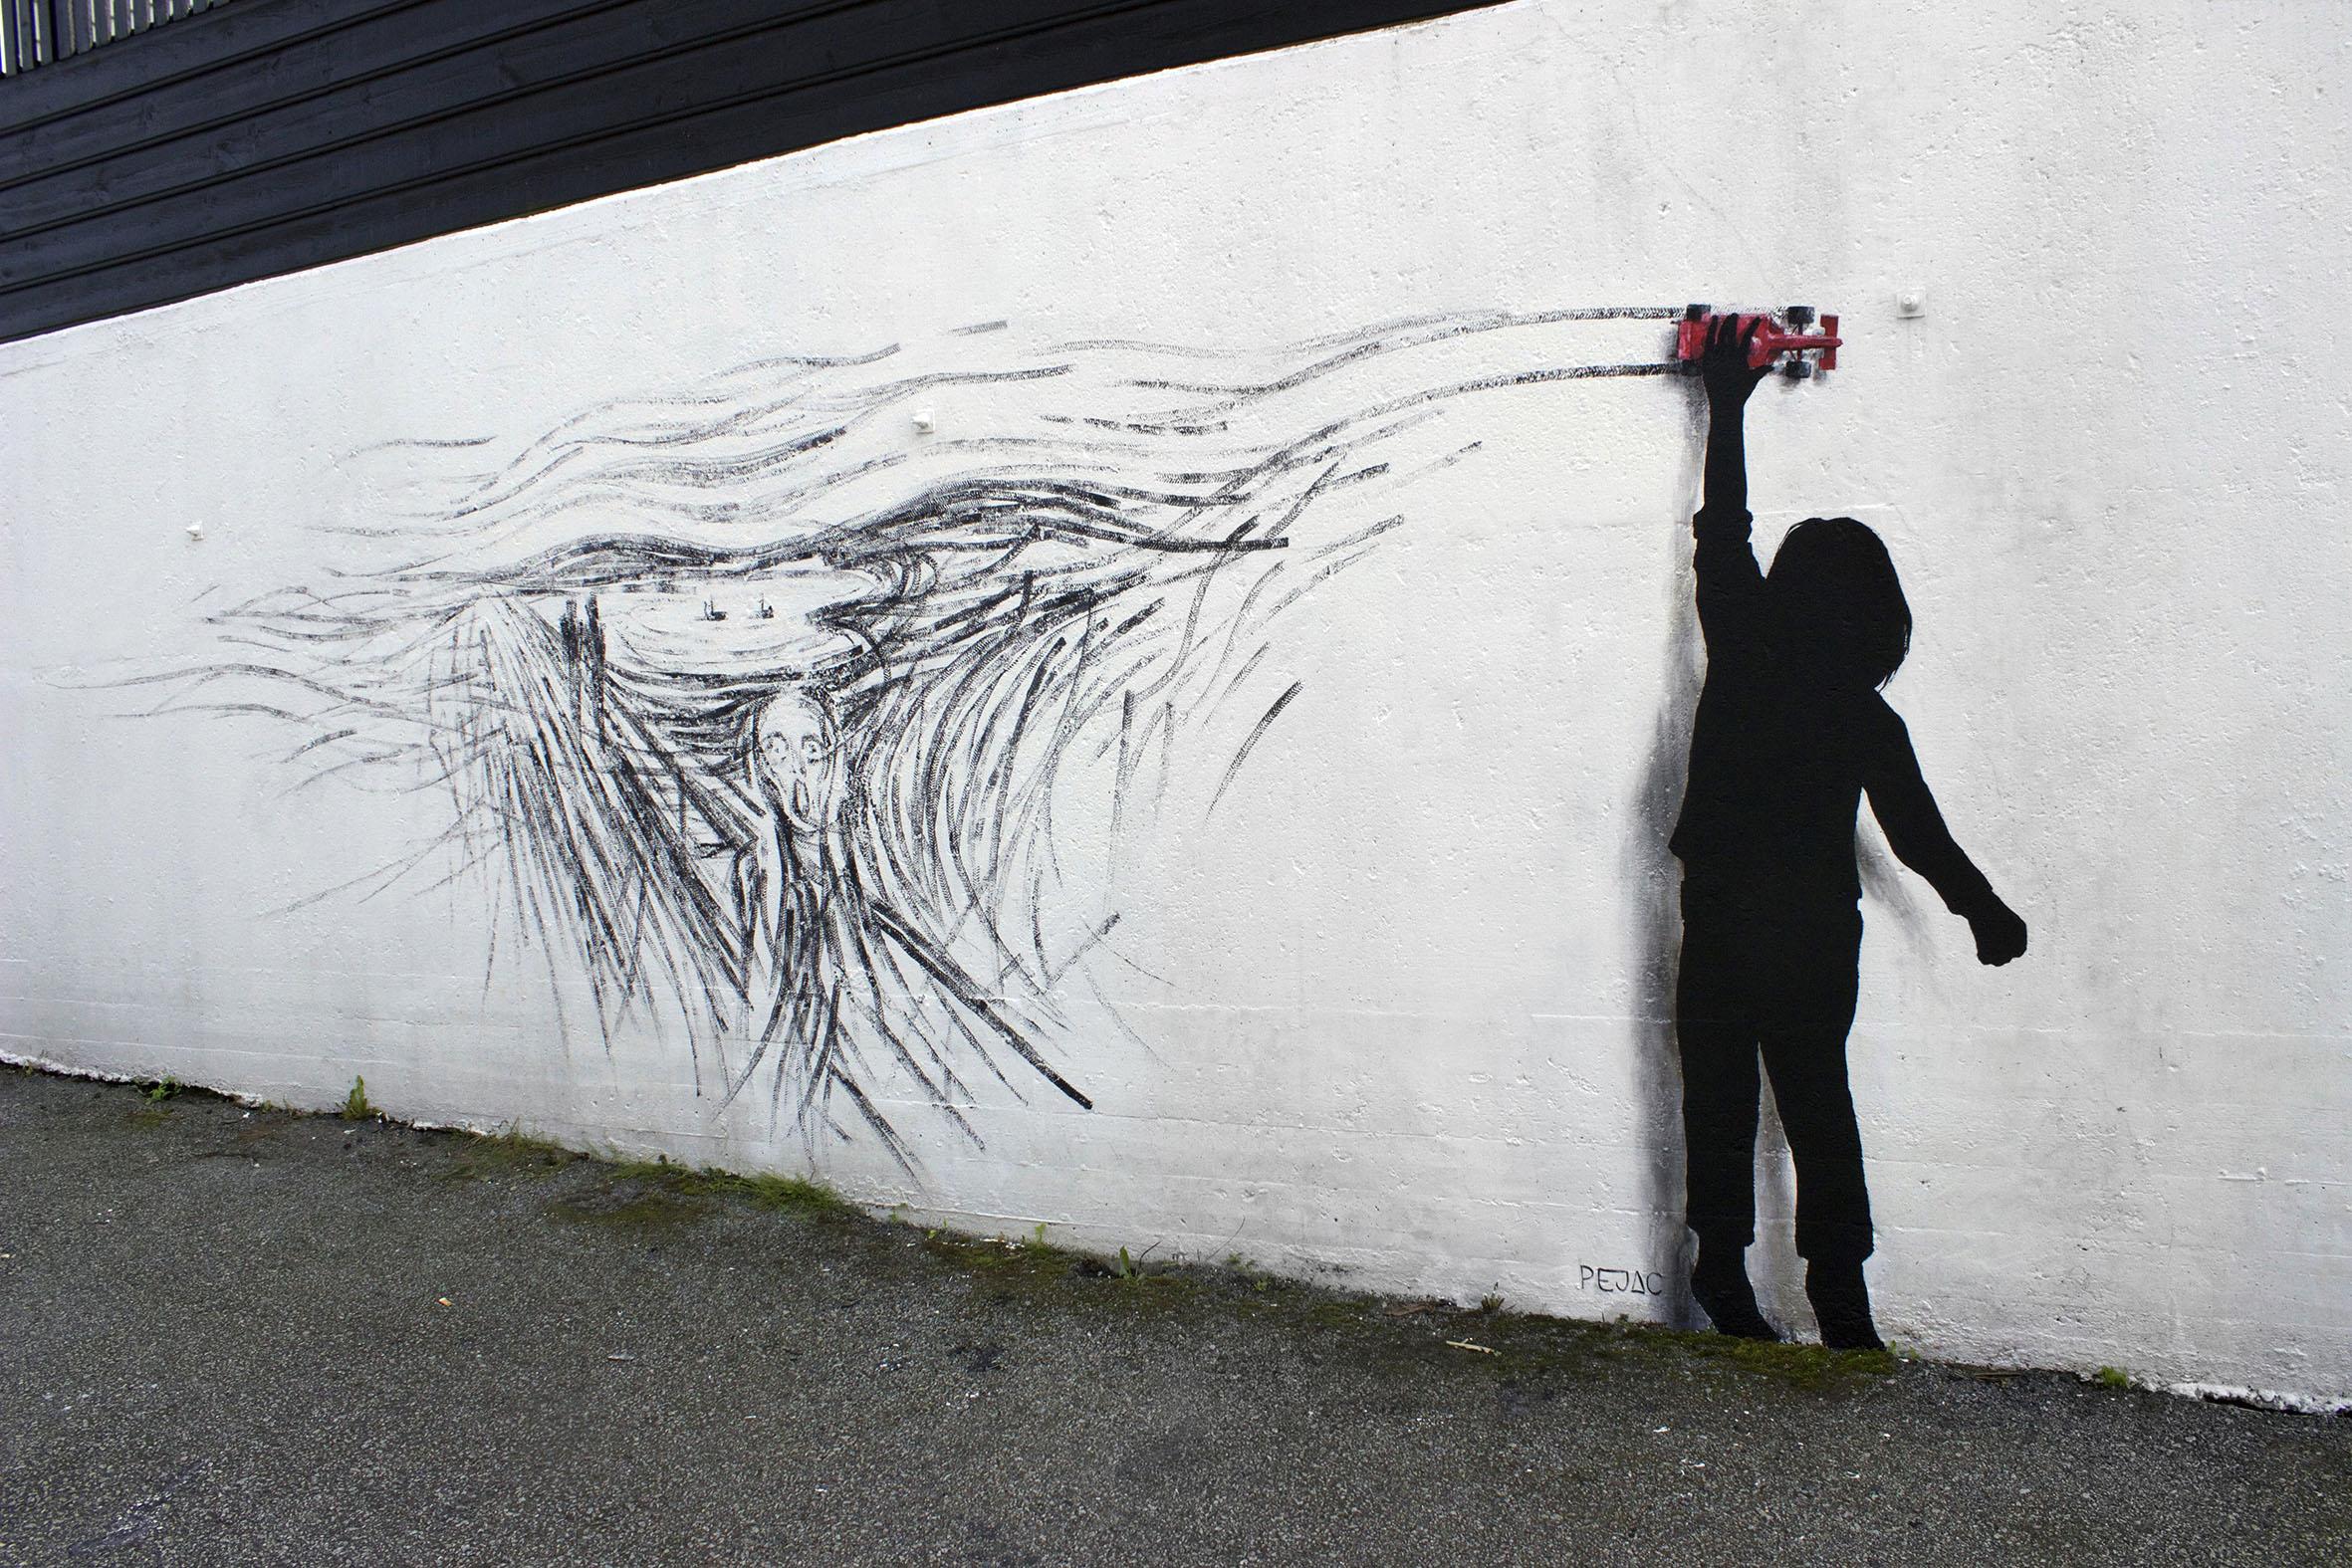 Drift (Tribute to Edvard Munch)